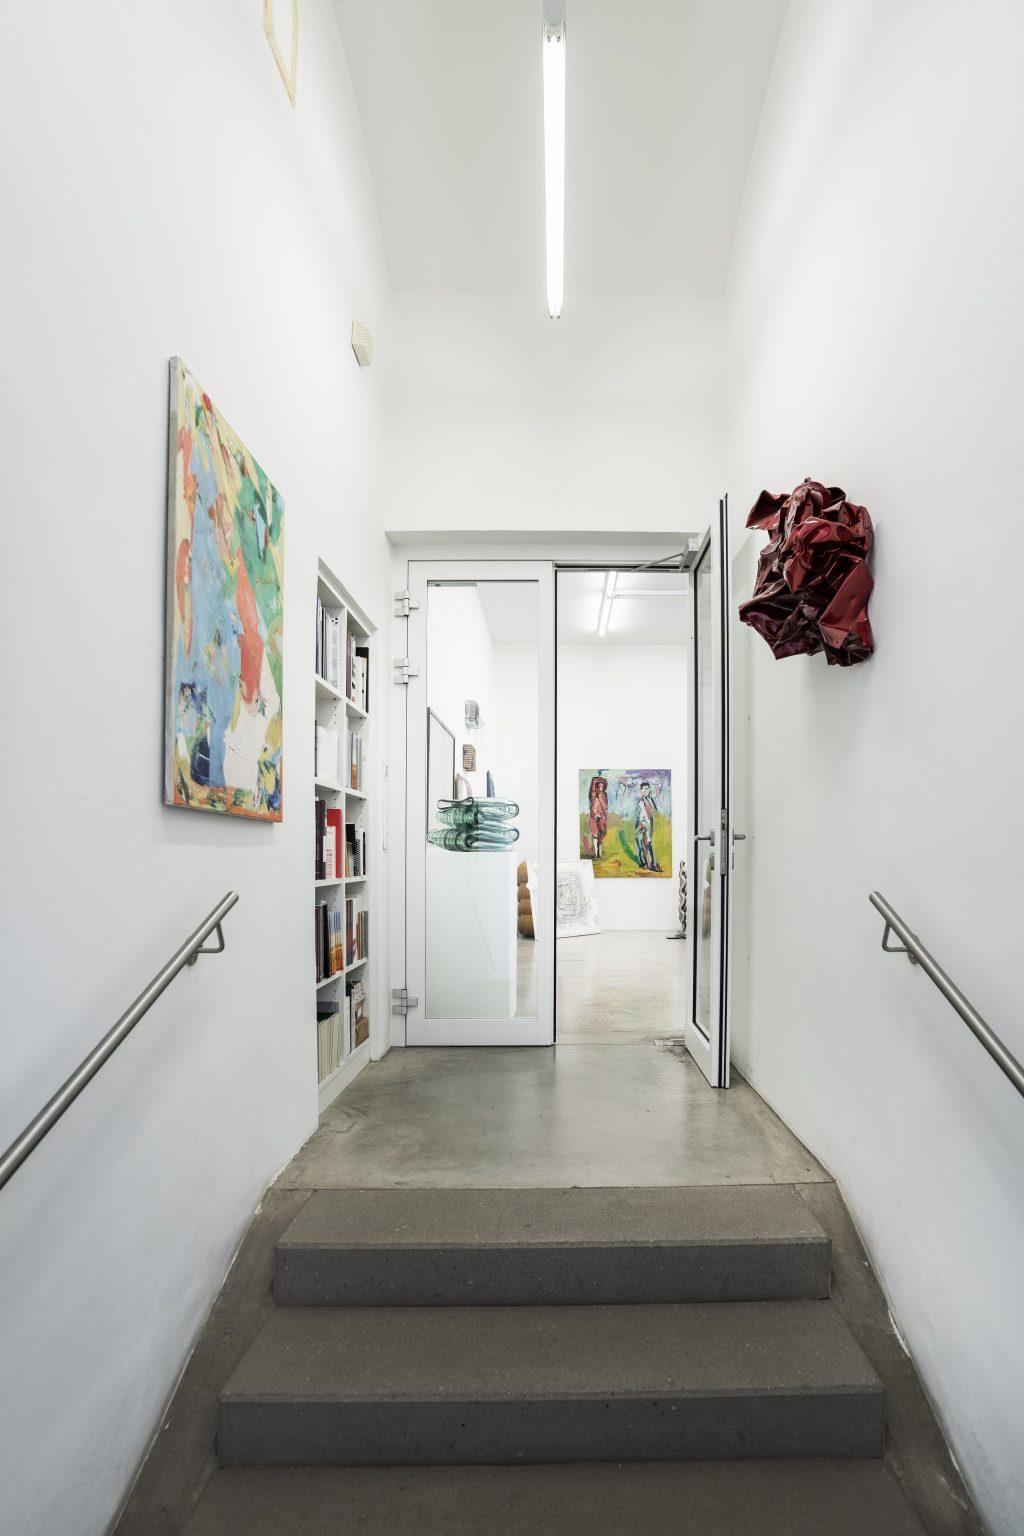 Eingang zur Galerie Leonhard